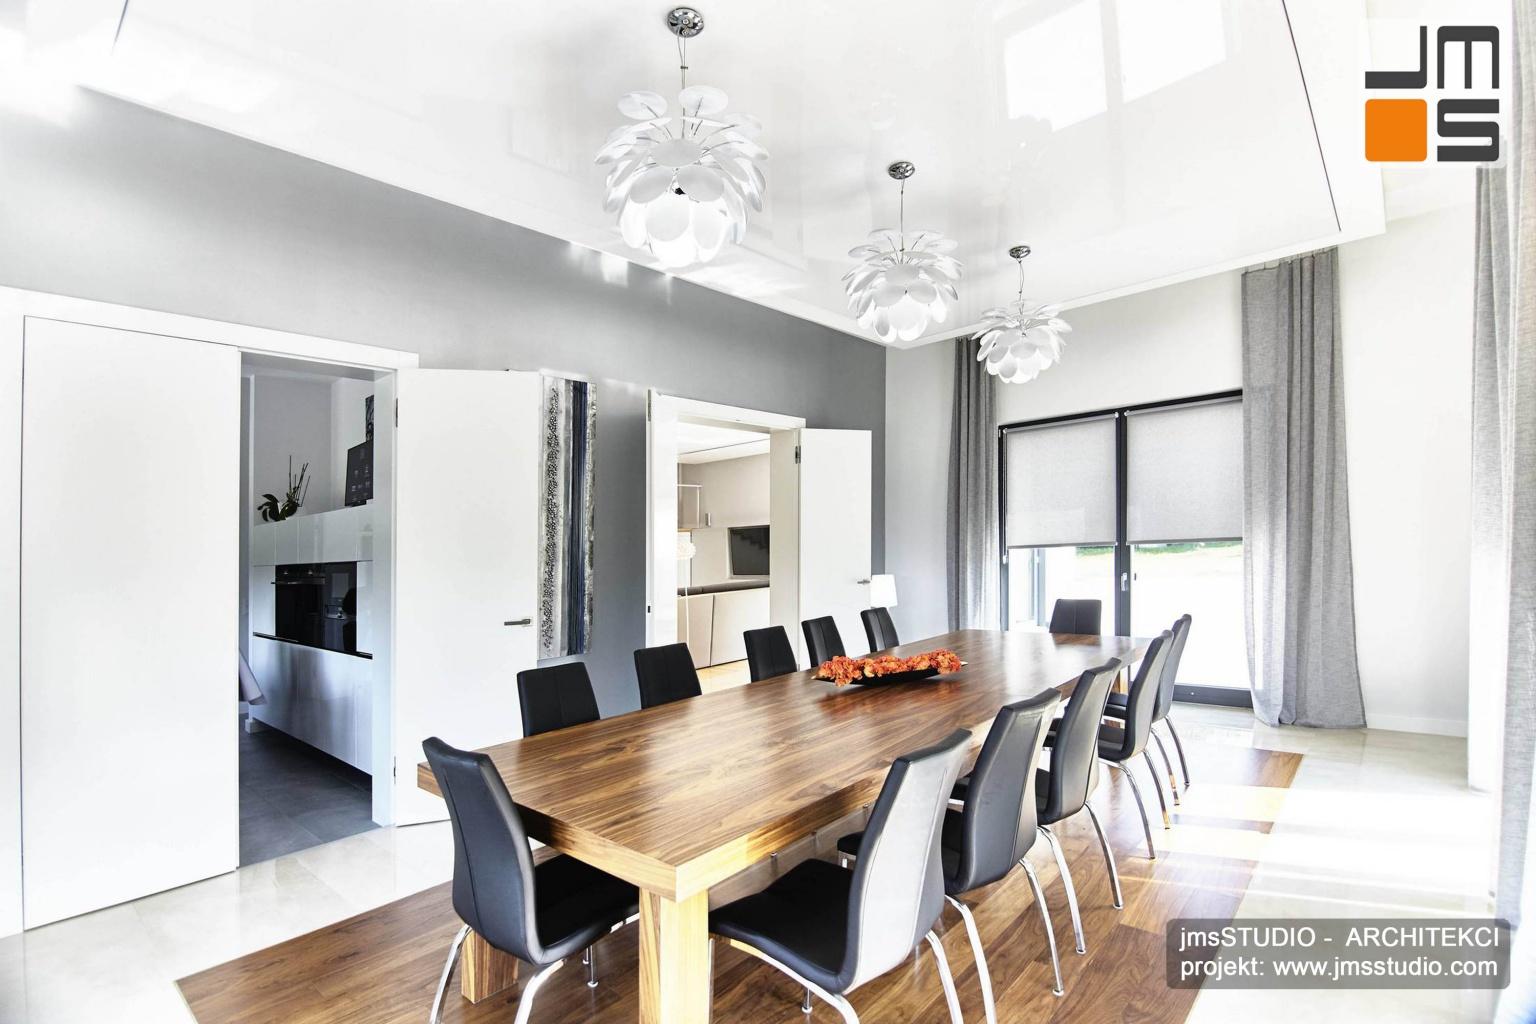 2018 06 projekt wnętrz zakładał że z dużej jadalni można dużymi dwuskrzydłowymi drzwiami przejść do salonu lub do kuchni